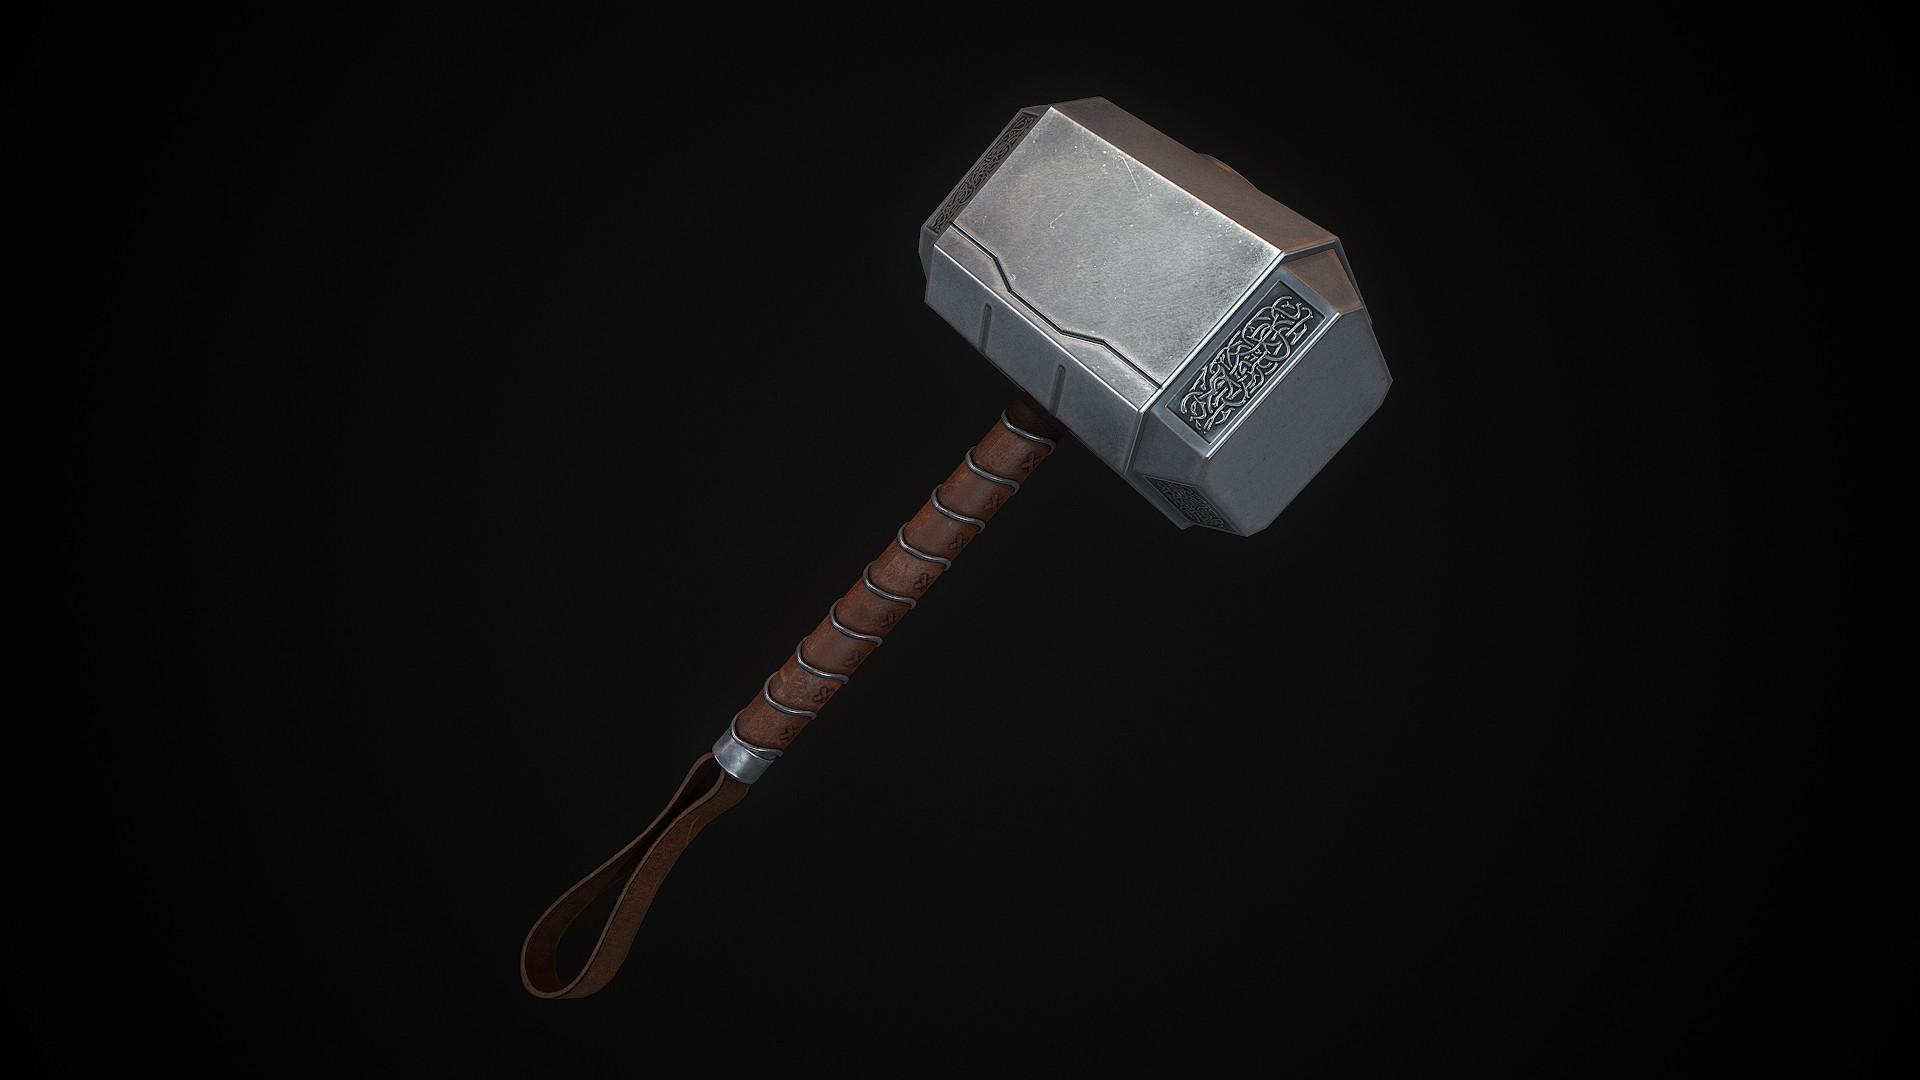 1080p Hd Wallpapers 3d Mj 246 Lnir Thor S Hammer Models Gt Melee Weapons Gamebanana